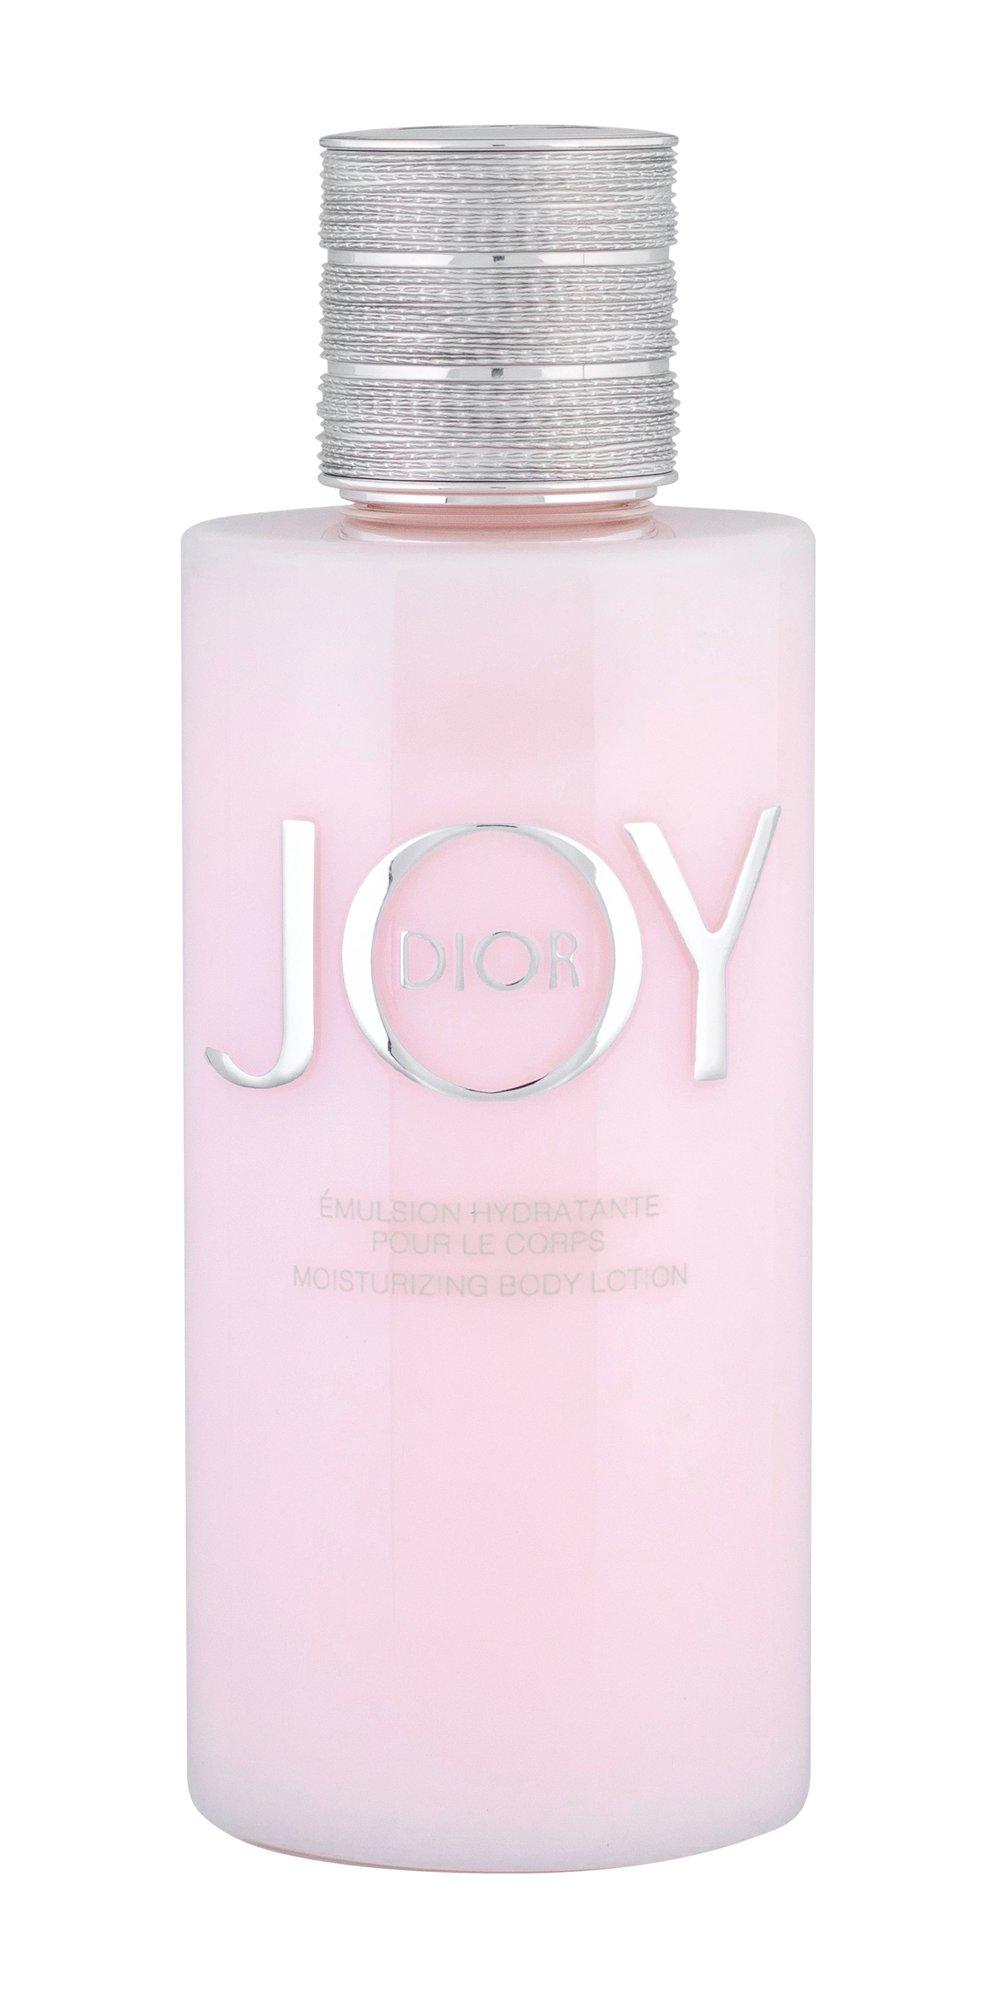 Christian Dior Joy by Dior Body Lotion 200ml